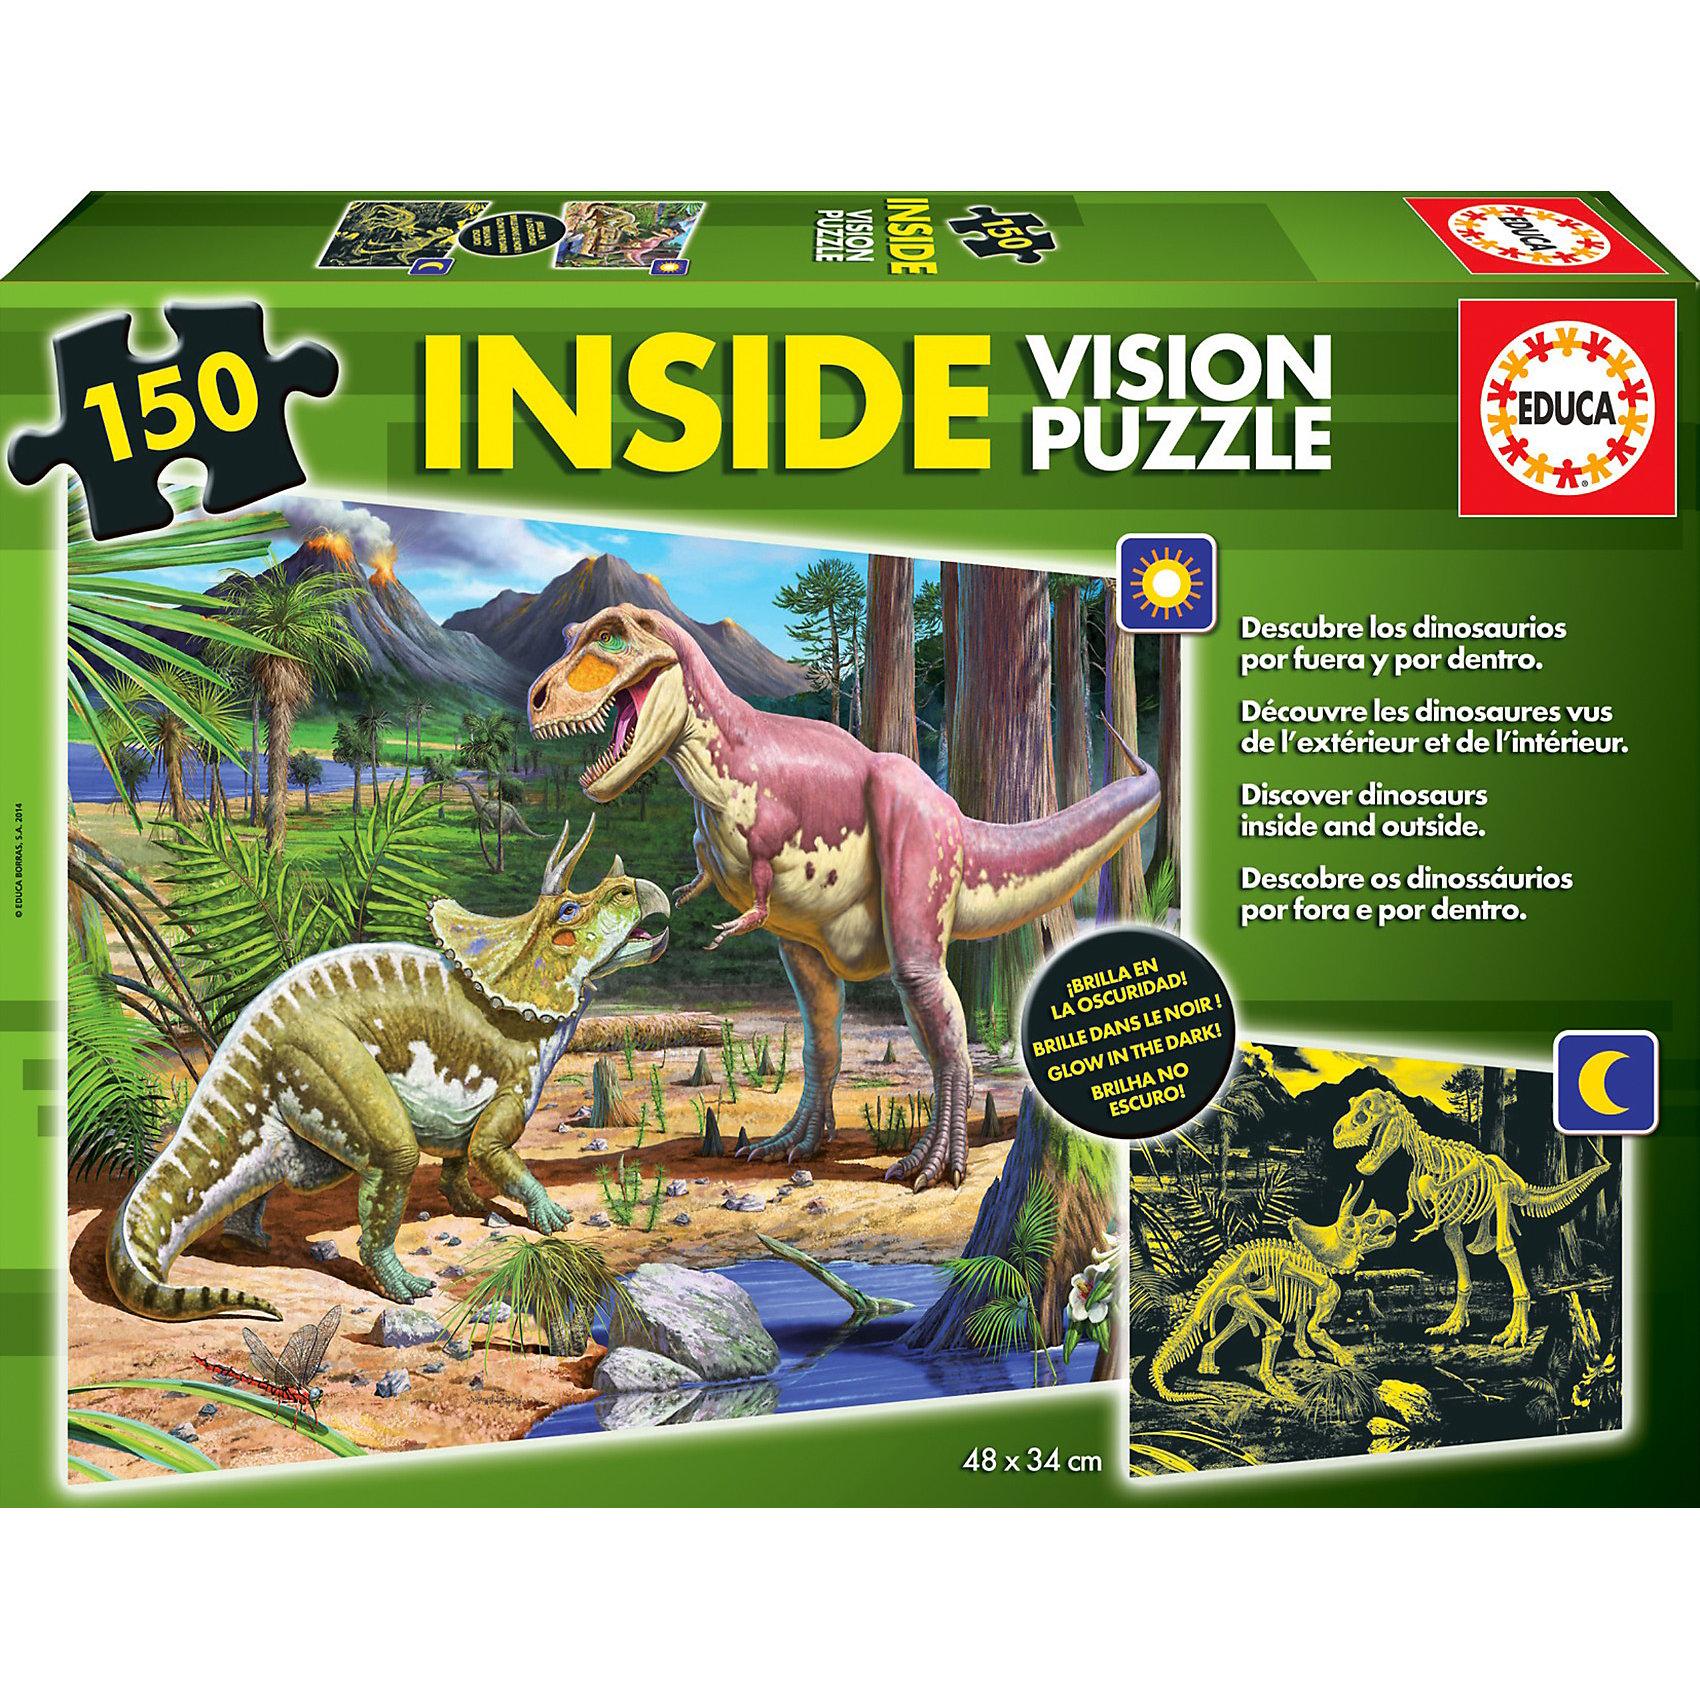 Пазл с люминисцентным свечением в темноте Динозавры, 150 деталей, EducaПазлы для малышей<br>Пазл с люминисцентным свечением в темноте Динозавры, 150 деталей, Educa<br><br>Характеристики:<br><br>• Количество деталей: 150 шт.<br>• Размер упаковки: 35 * 5,5 * 25 см.<br>Размер собранного пазла: 48 * 34 см.<br>• Состав: картон<br>• Вес: 500 г.<br>• Для детей в возрасте: от 6 до 8 лет<br>• Страна производитель: Испания<br><br>Два динозавра в своей естественной среде обитания занимаются своими обычными делами, но при наступлении темноты можно увидеть их скелеты! Этот необычный пазл приведёт в восторг фанатов динозавров и даст им новую нелегкую задачу по сборке этого пазла. Ребёнок сможет расширить свой кругозор и увеличить словарный запас, работая с этим пазлом.<br><br>Пазл с люминисцентным свечением в темноте Динозавры, 150 деталей, Educa можно купить в нашем интернет-магазине.<br><br>Ширина мм: 358<br>Глубина мм: 263<br>Высота мм: 58<br>Вес г: 499<br>Возраст от месяцев: 72<br>Возраст до месяцев: 96<br>Пол: Унисекс<br>Возраст: Детский<br>Количество деталей: 150<br>SKU: 3546239